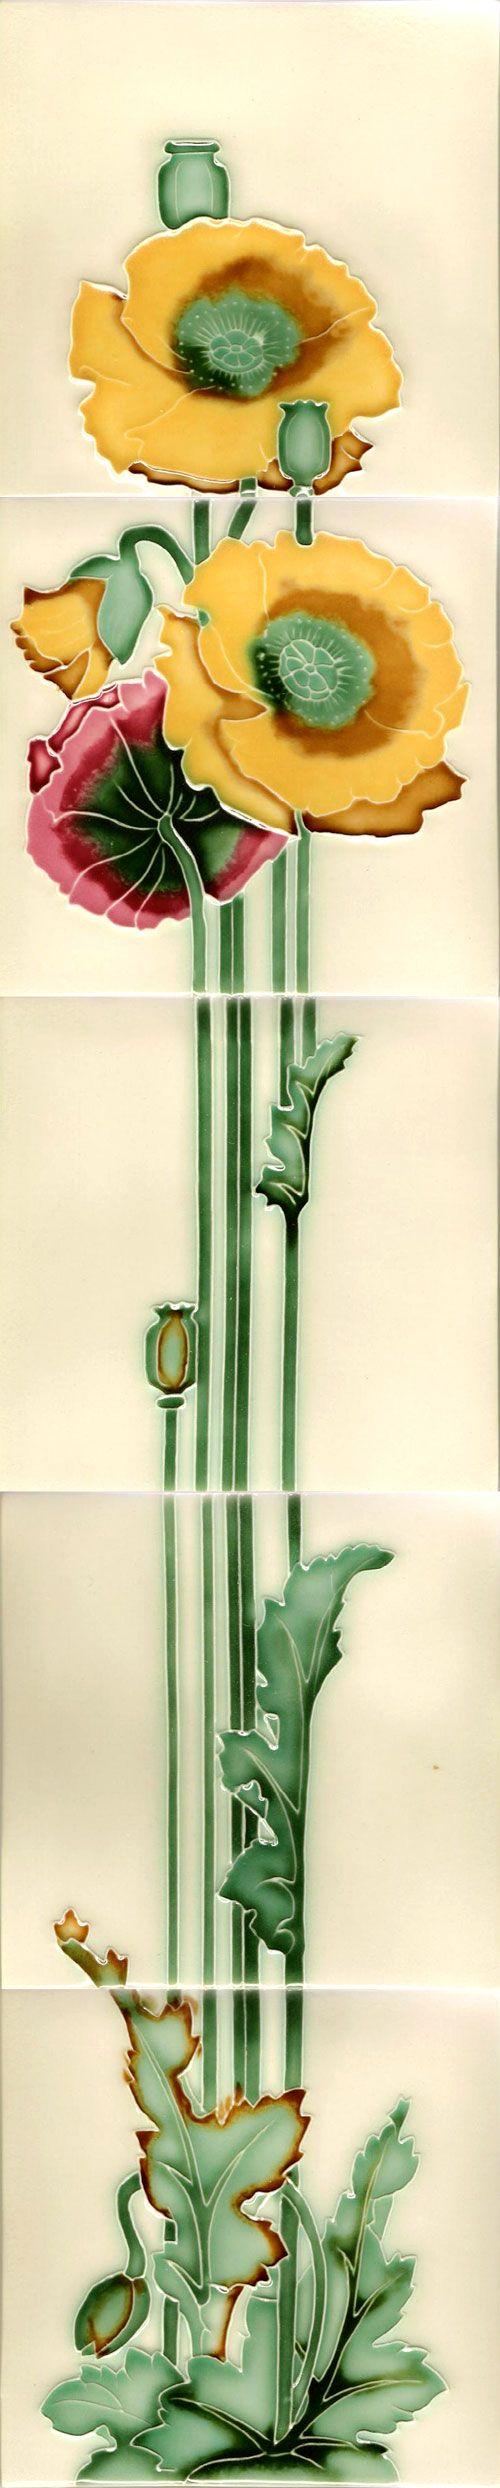 Historic Tiles - Moulded Art Nouveau Tiles - Tulips